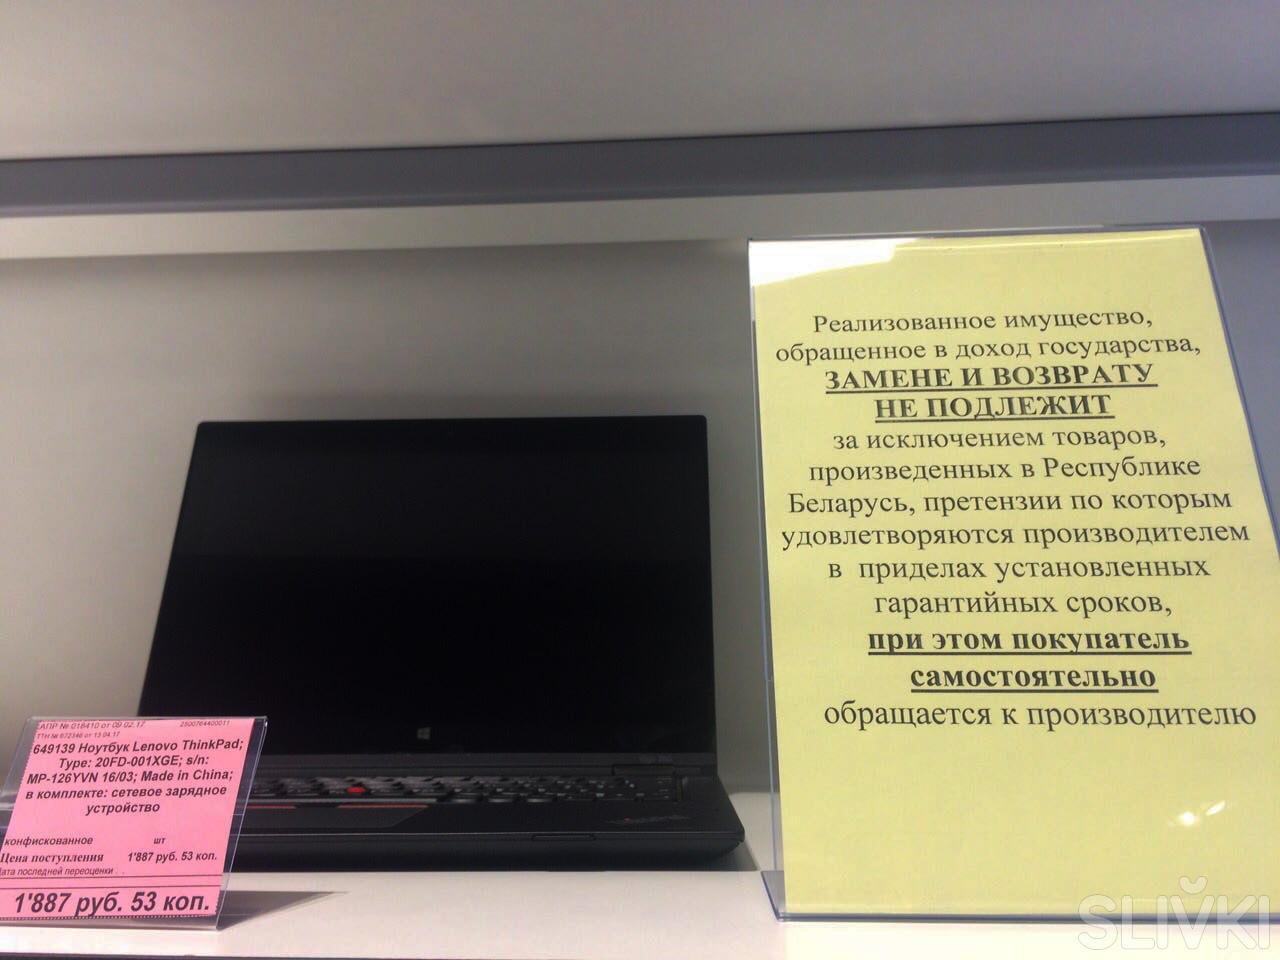 Конфискат на Победителей: плед за 751 рубль?